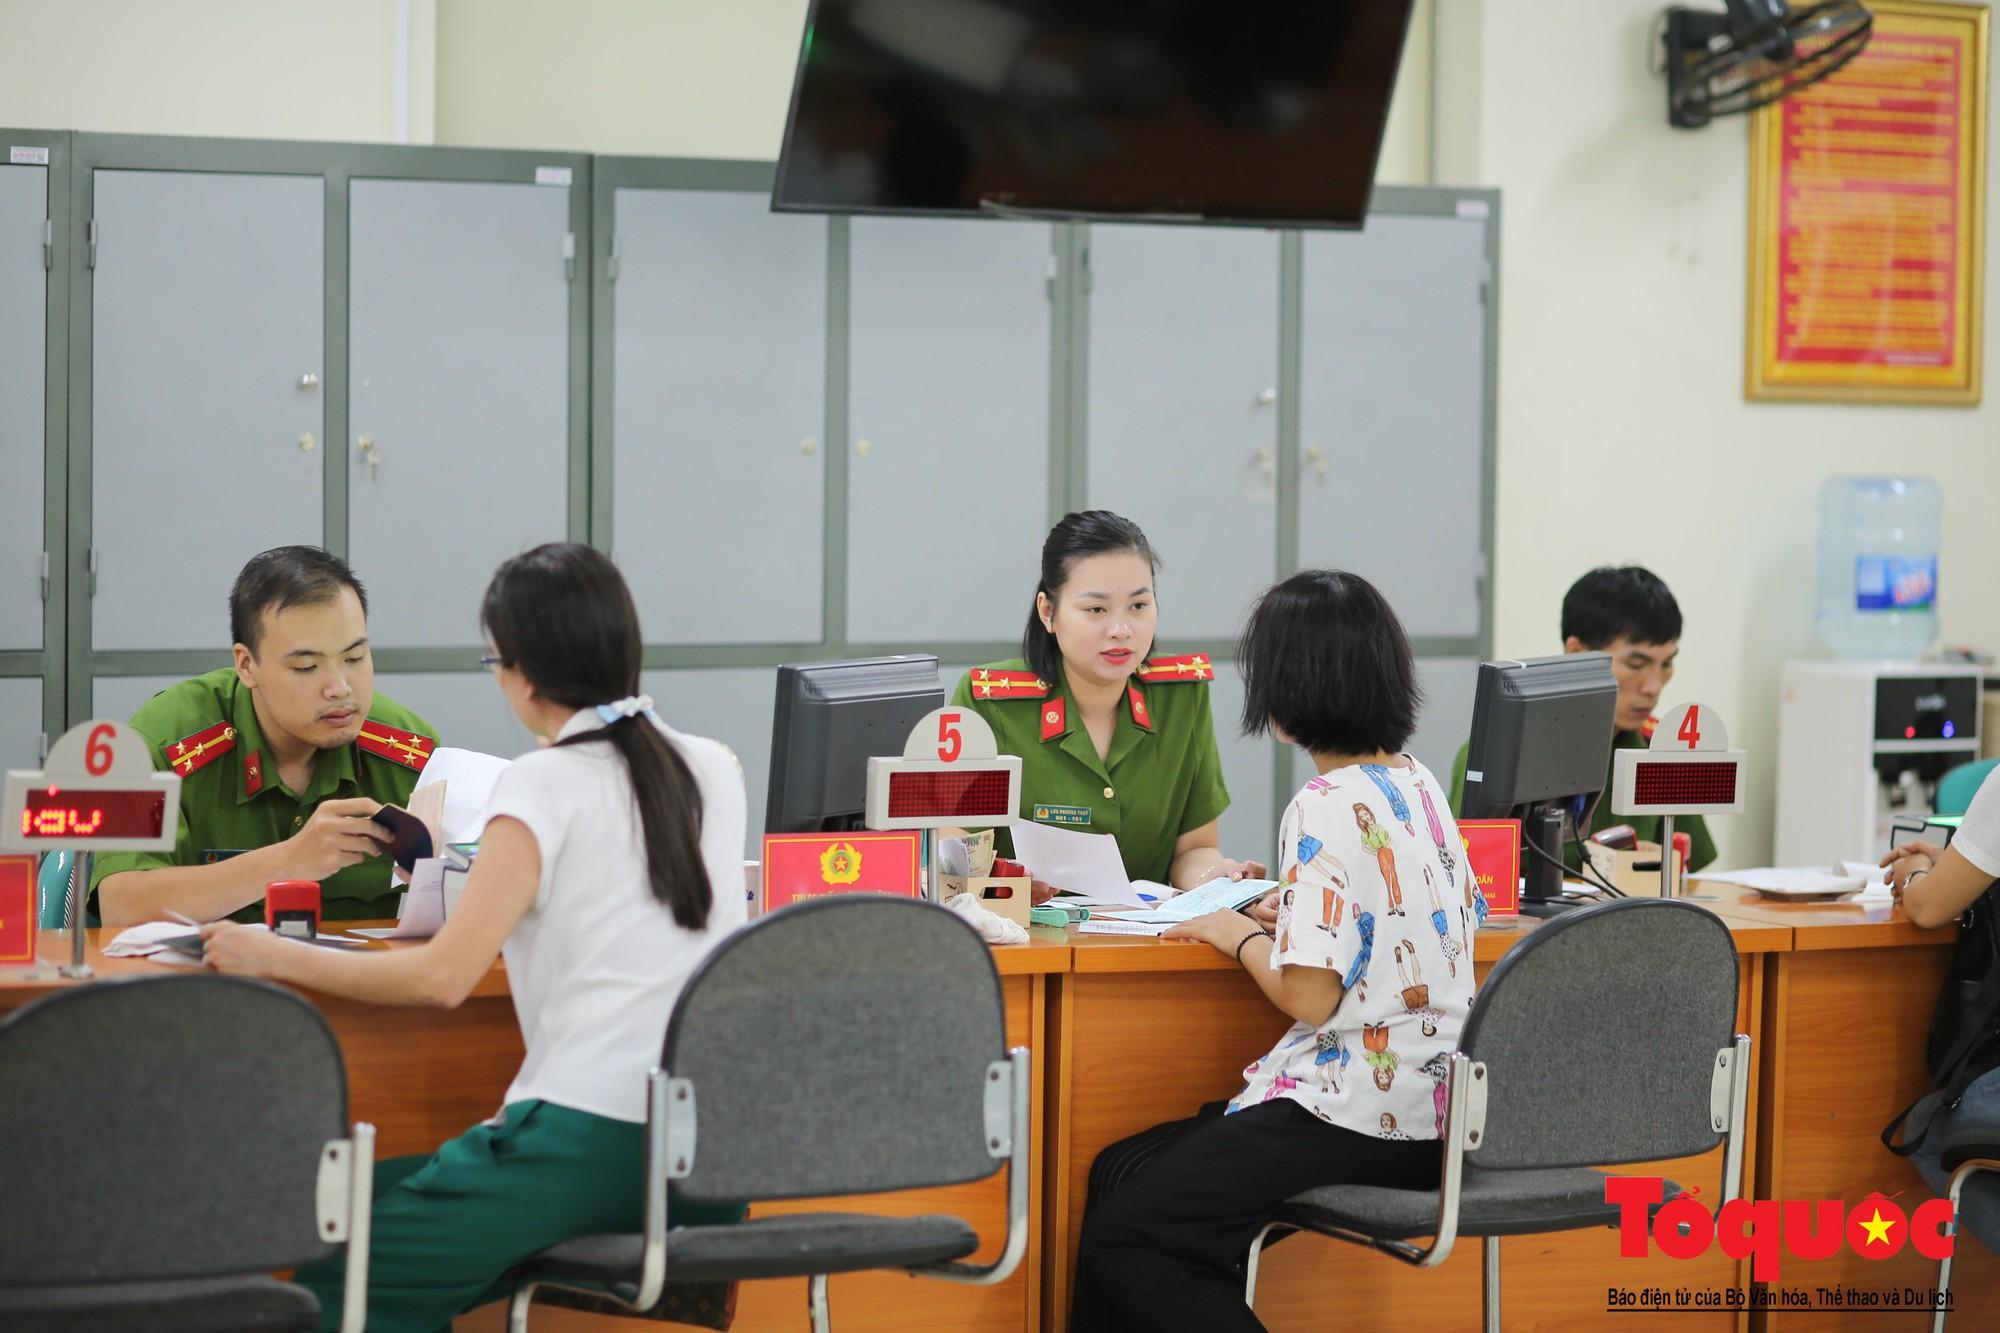 Lực lượng Công an Thủ đô vui tươi, tình nguyện phục vụ nhân dân trong Chủ Nhật (4)